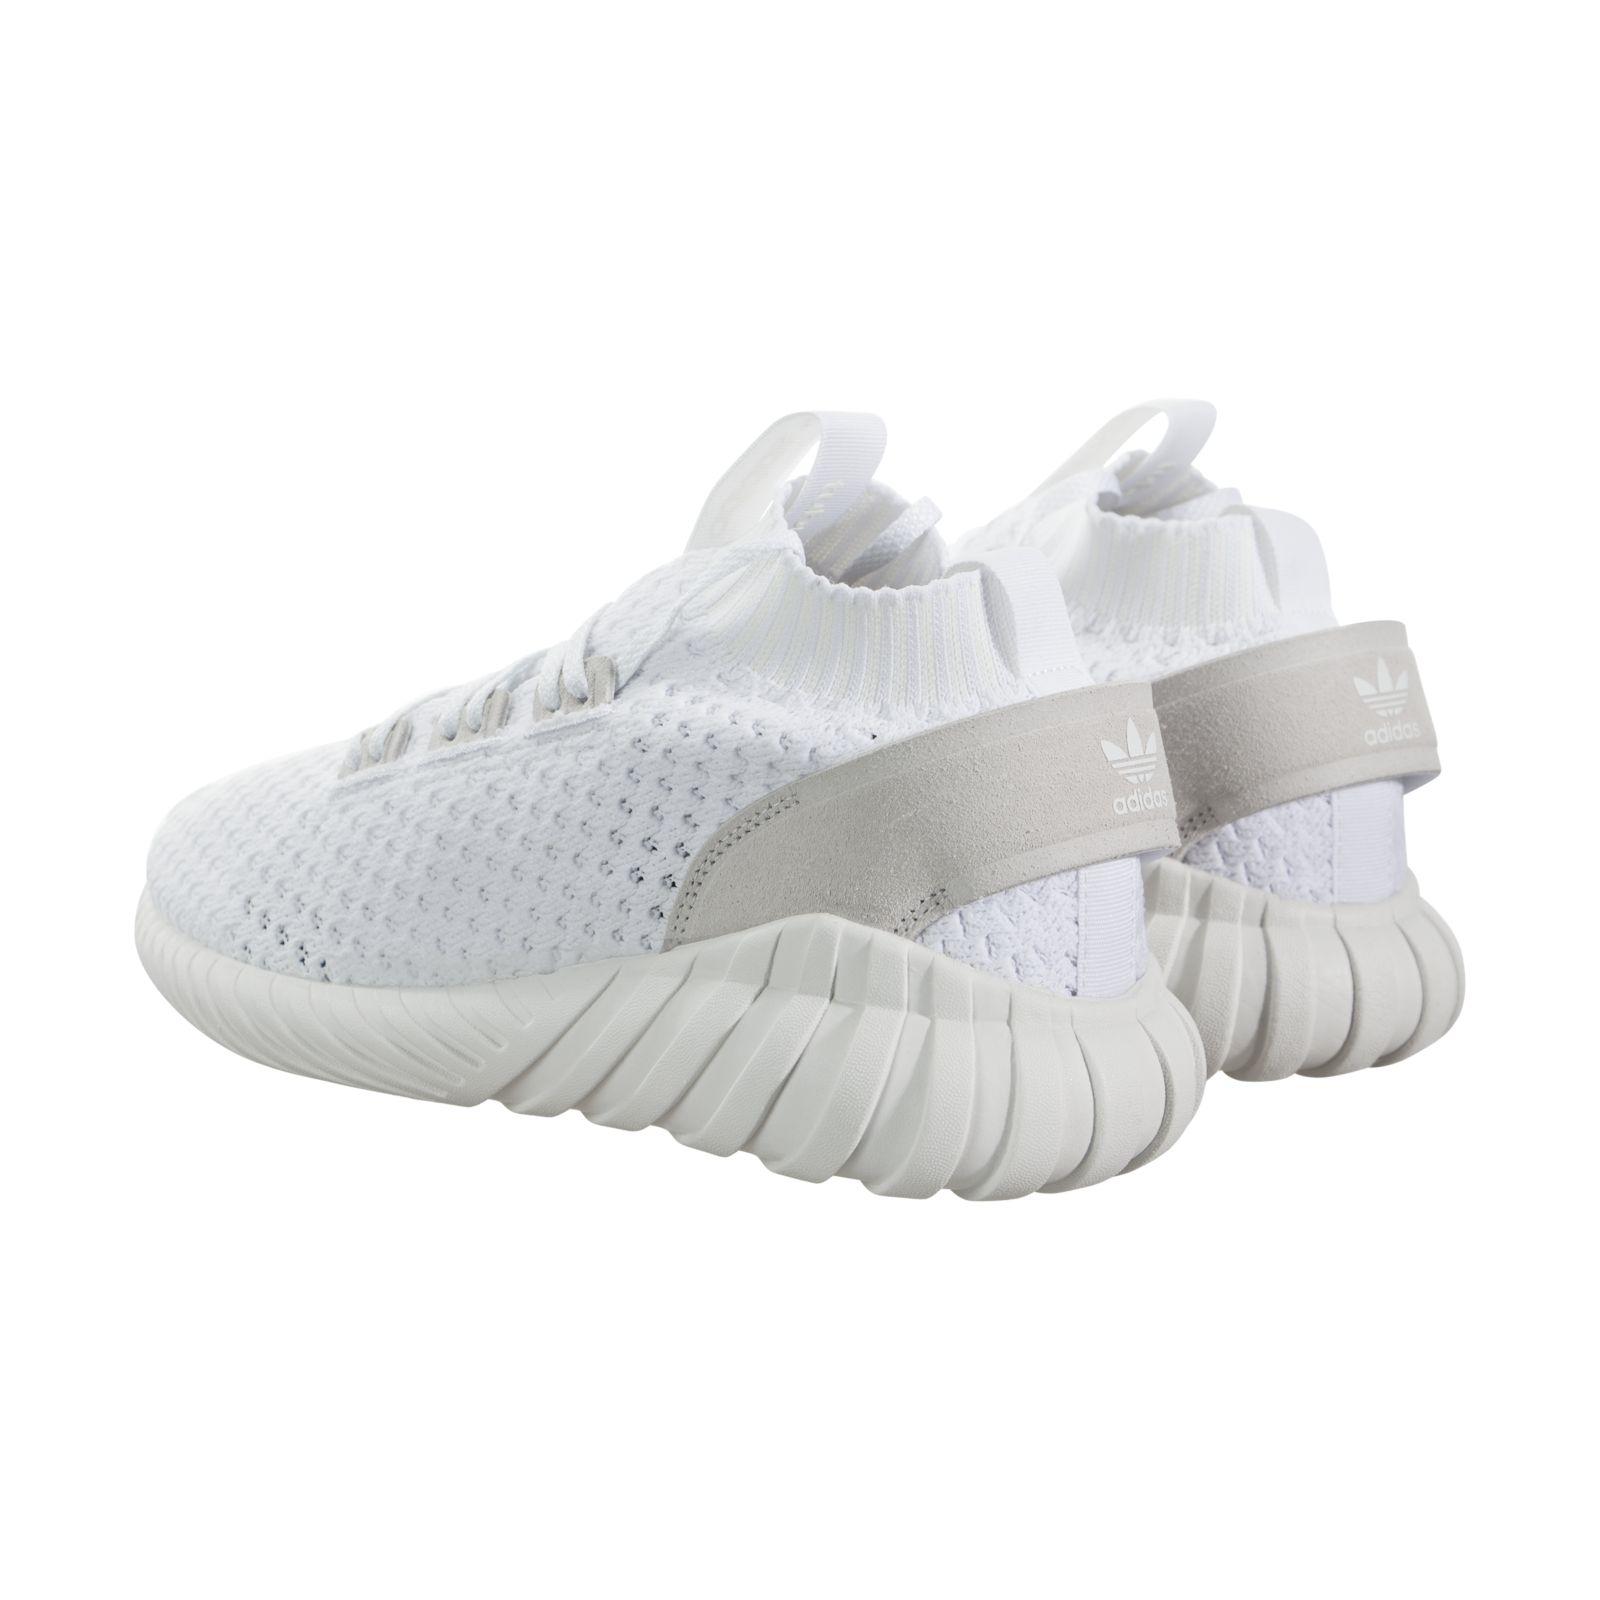 Adidas Tubular Doom Sock Primeknit W cq2481  8641efe5b785